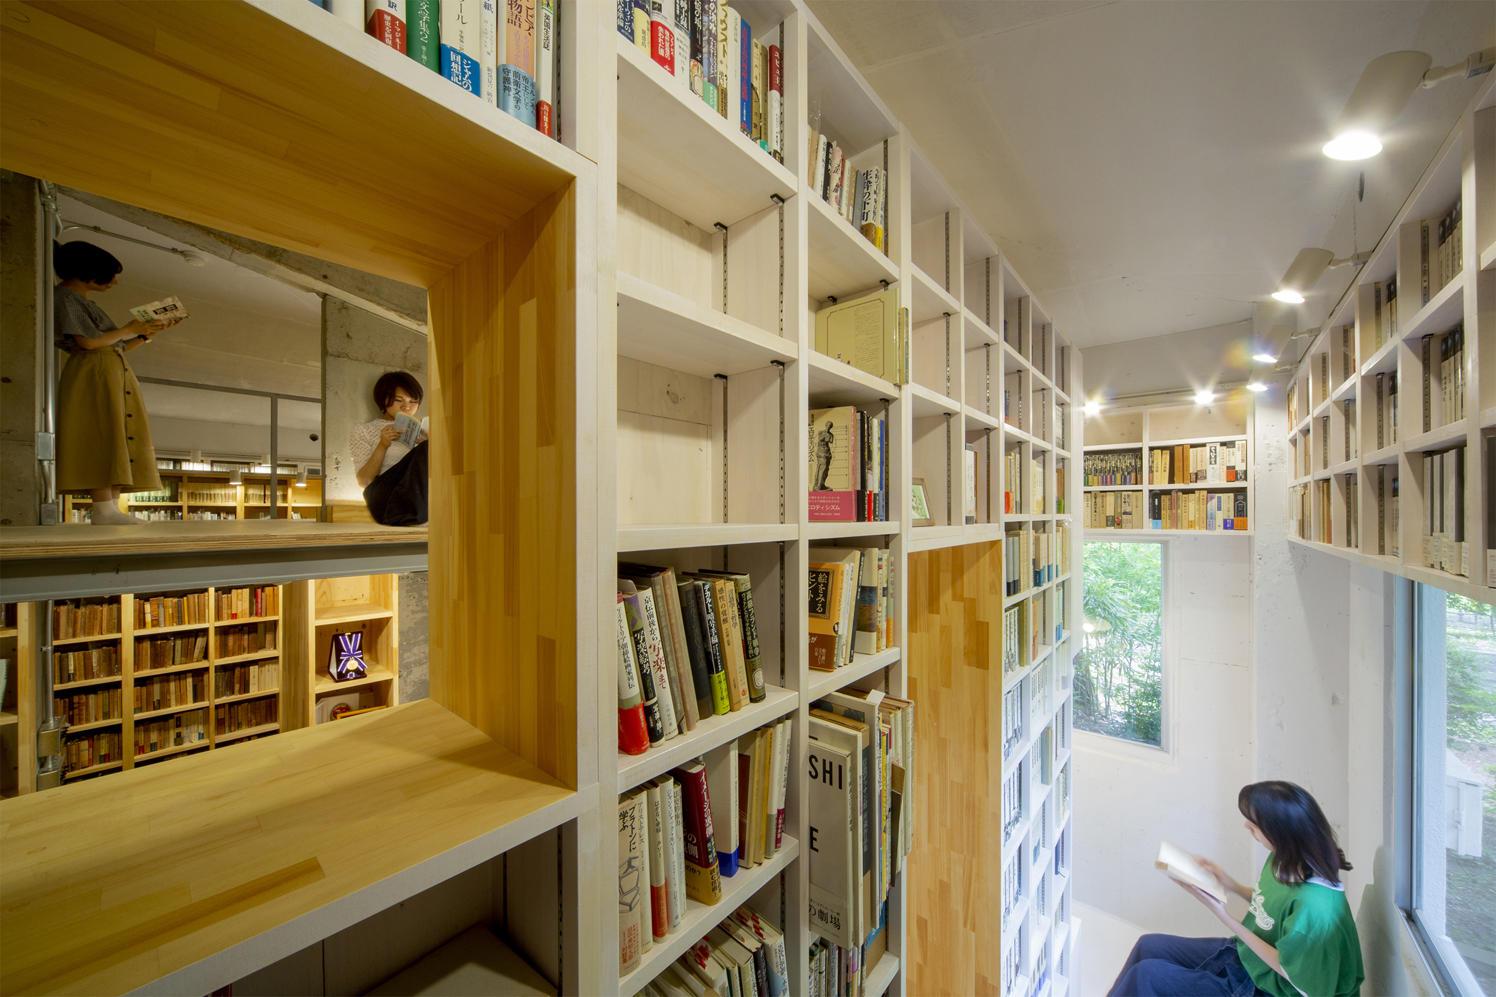 【武蔵野大学】「むさし野文学館」がグッドデザイン賞を受賞 ~新たなテクストを生み出す実験場、学生と教員の長年の努力が結実!~